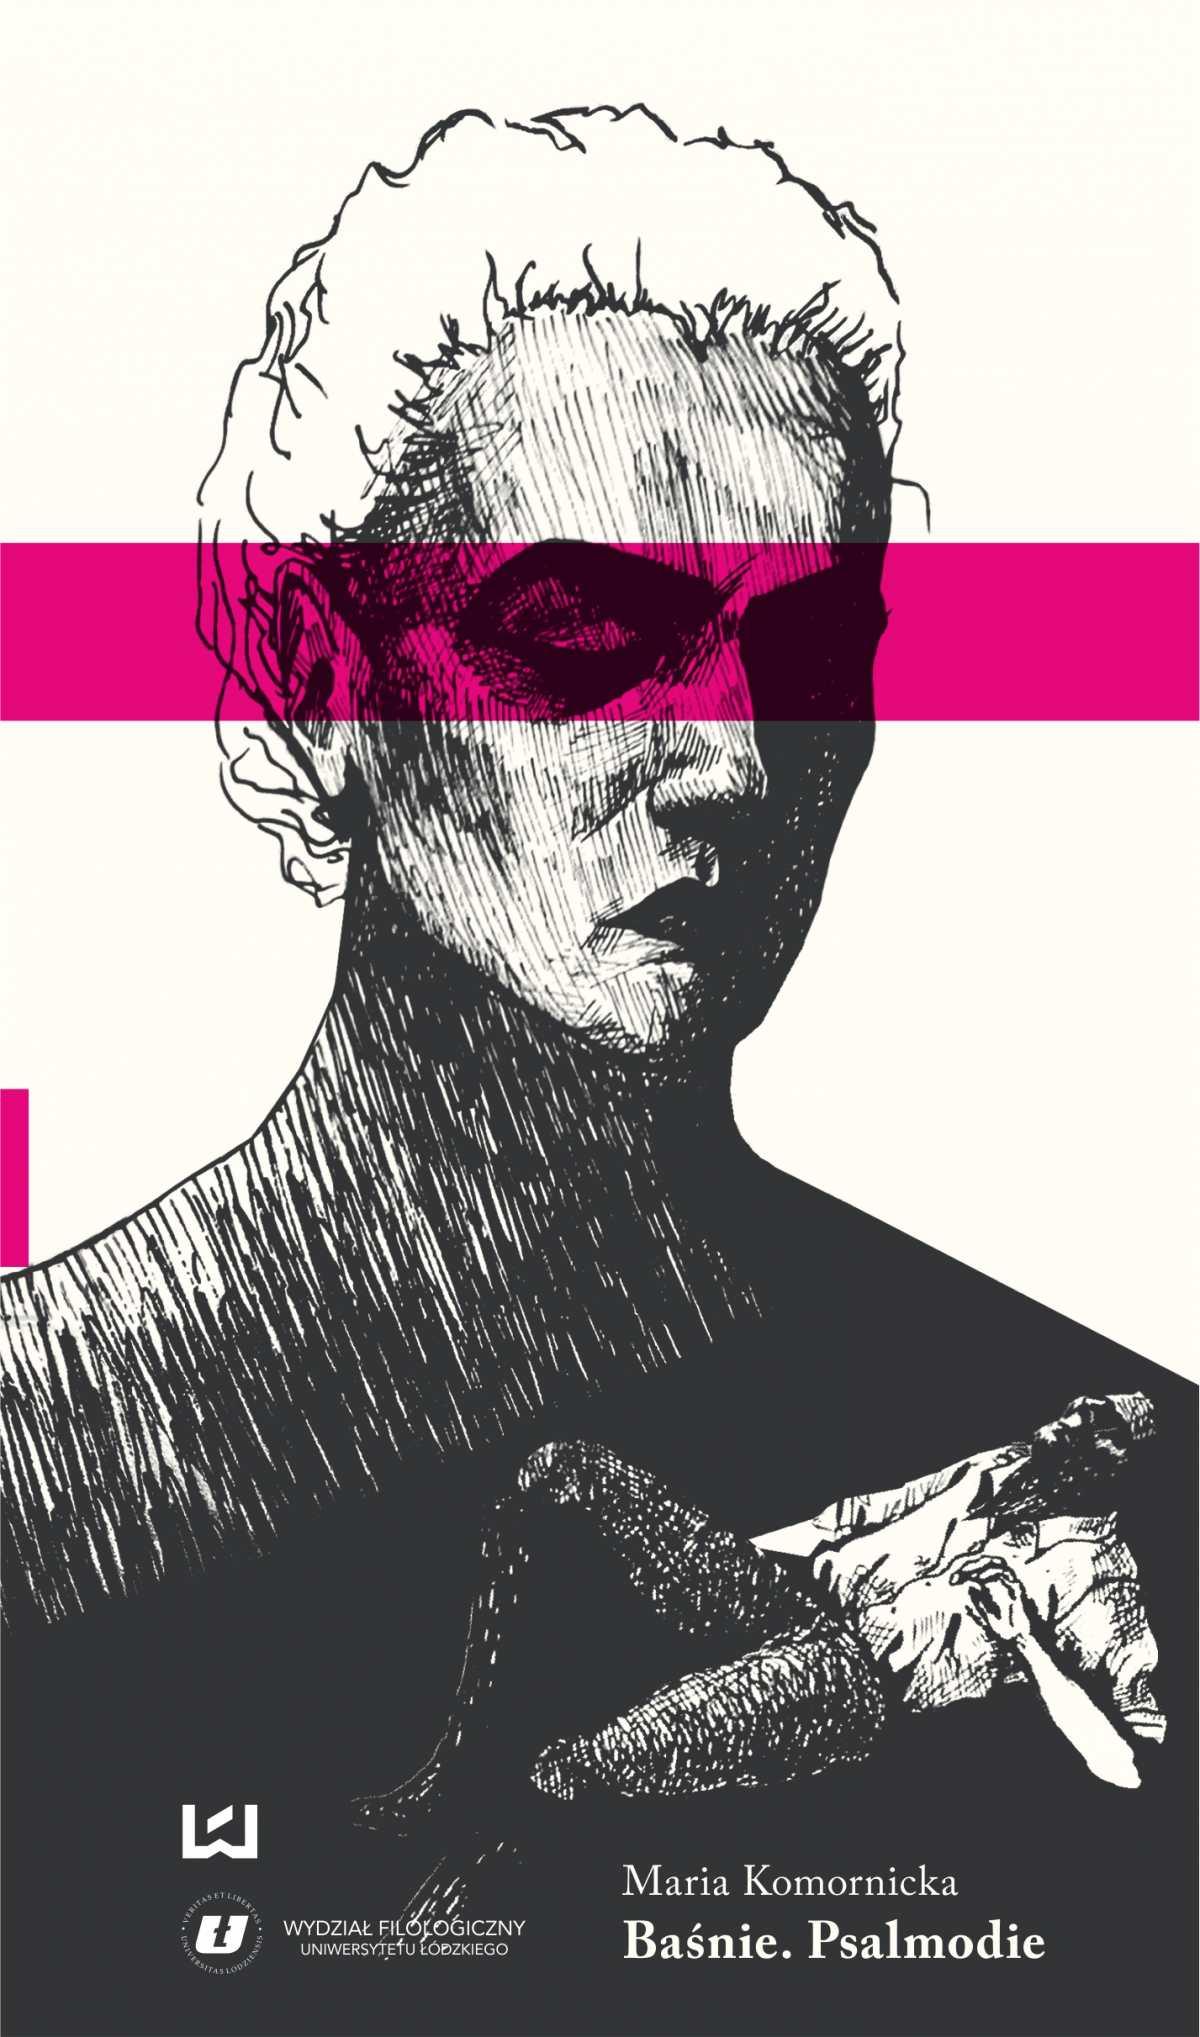 Baśnie. Psalmodie. Maria Komornicka - Ebook (Książka PDF) do pobrania w formacie PDF